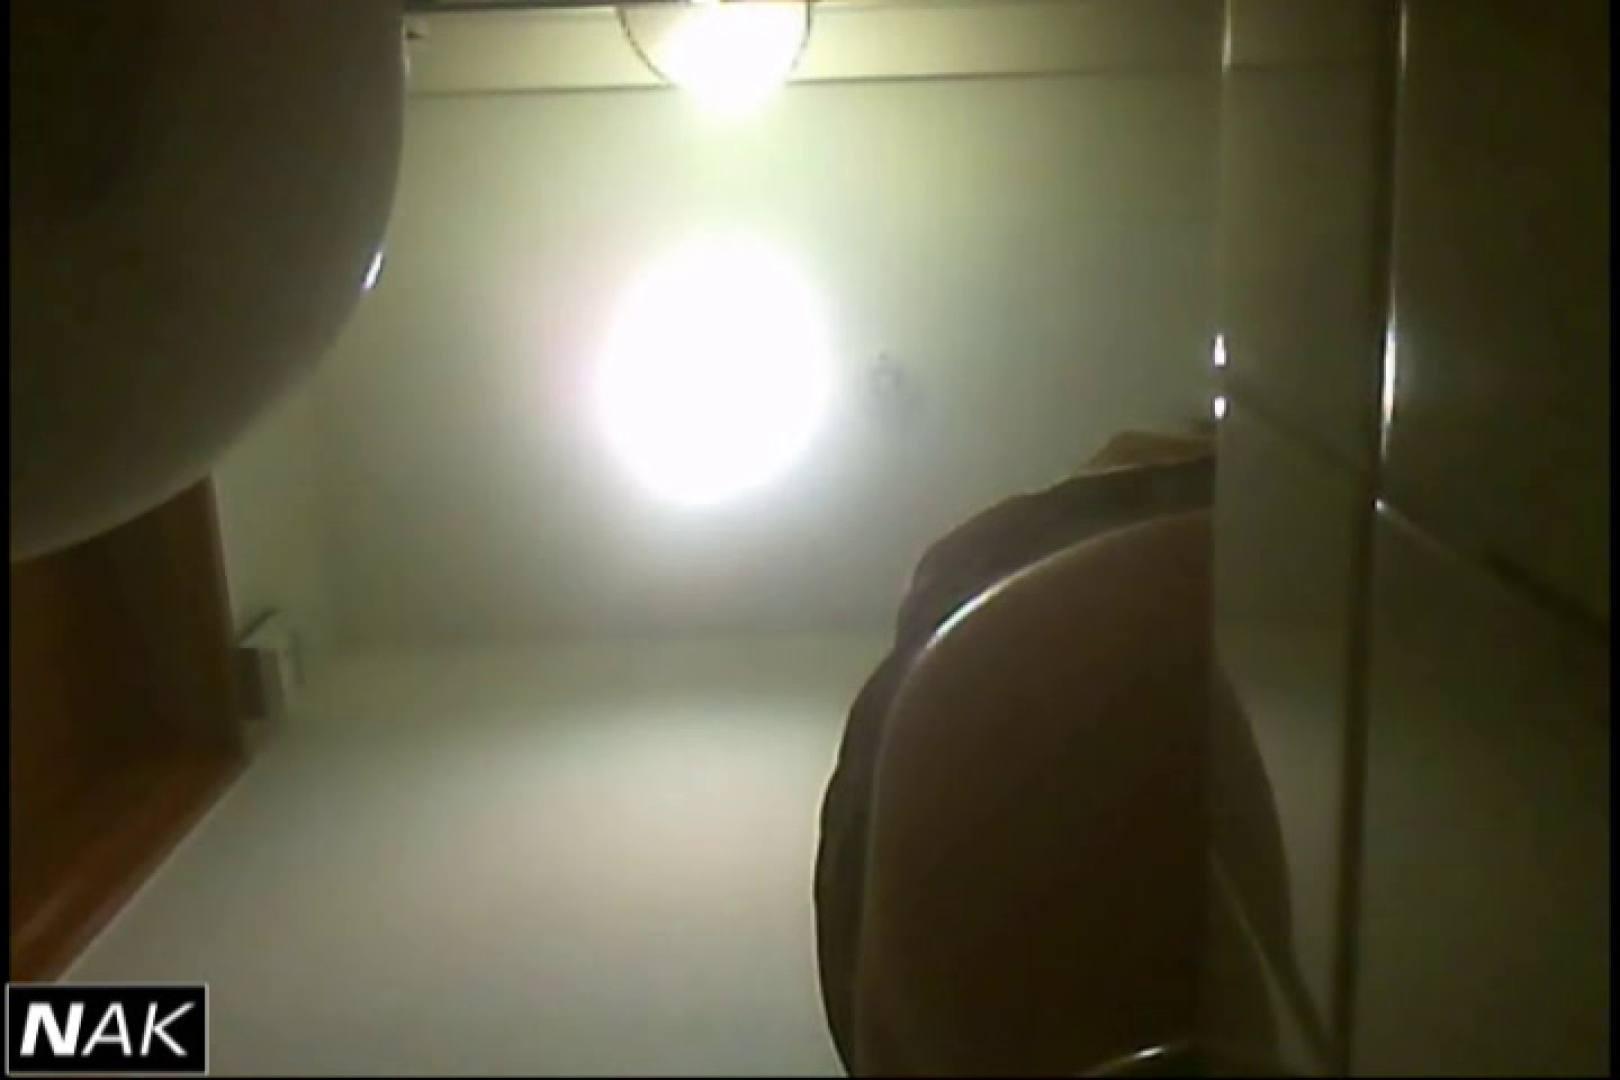 亀さんかわや VIP和式2カメバージョン! vol.06 マンコエロすぎ われめAV動画紹介 97PIX 54